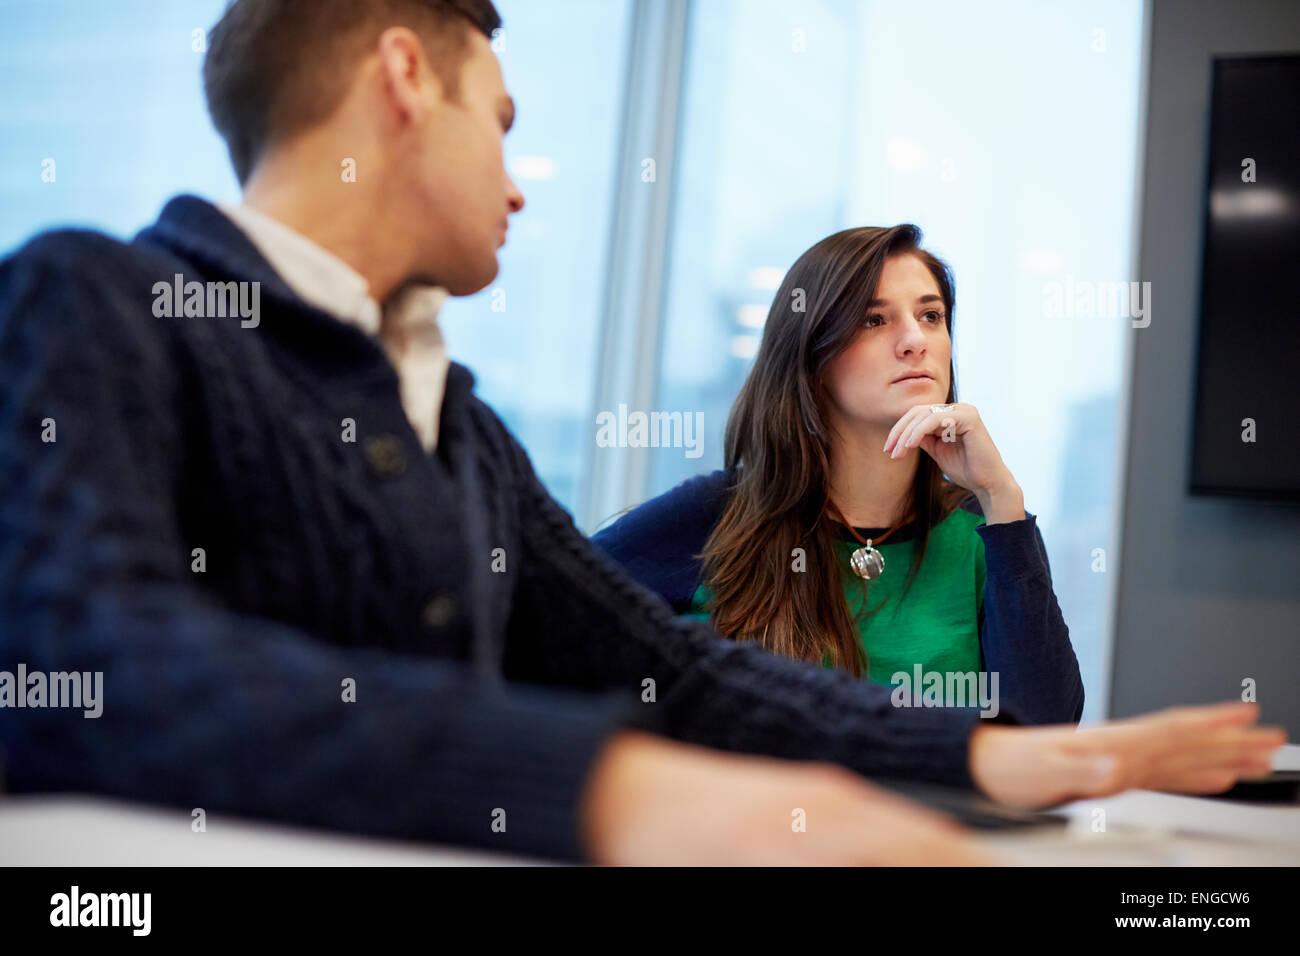 Un homme et une femme assis à une réunion dans un bureau. Photo Stock